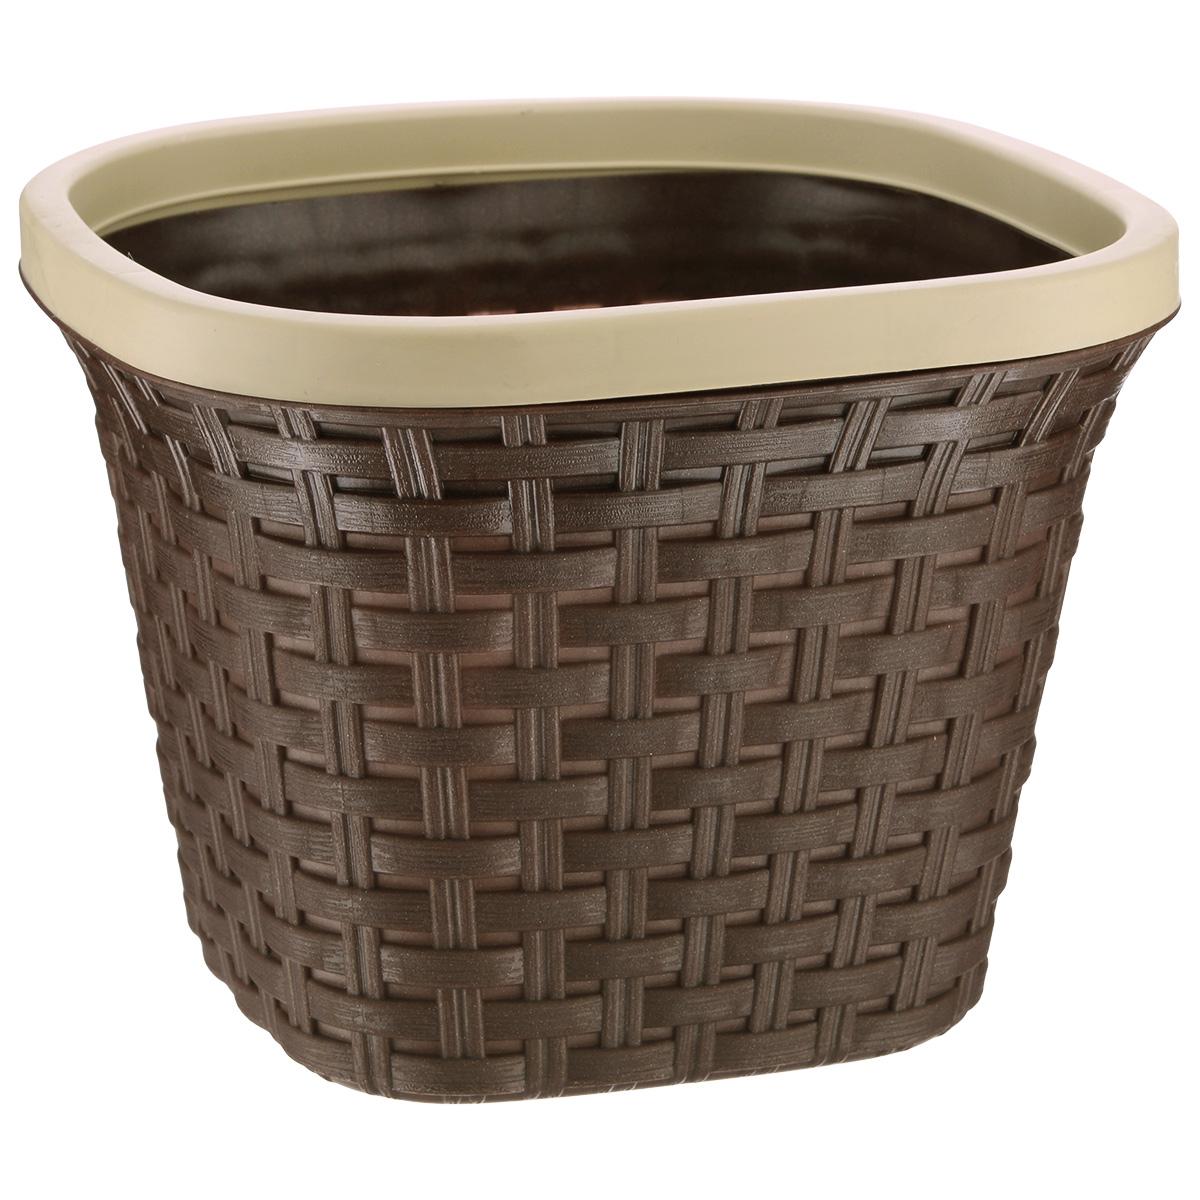 Кашпо квадратное Violet Ротанг, с дренажной системой, цвет: коричневый, 3,8 л33380/1Квадратное кашпо Violet Ротанг изготовлено из высококачественного пластика и оснащено дренажной системой для быстрого отведения избытка воды при поливе. Изделие прекрасно подходит для выращивания растений и цветов в домашних условиях. Лаконичный дизайн впишется в интерьер любого помещения.Объем: 3,8 л.